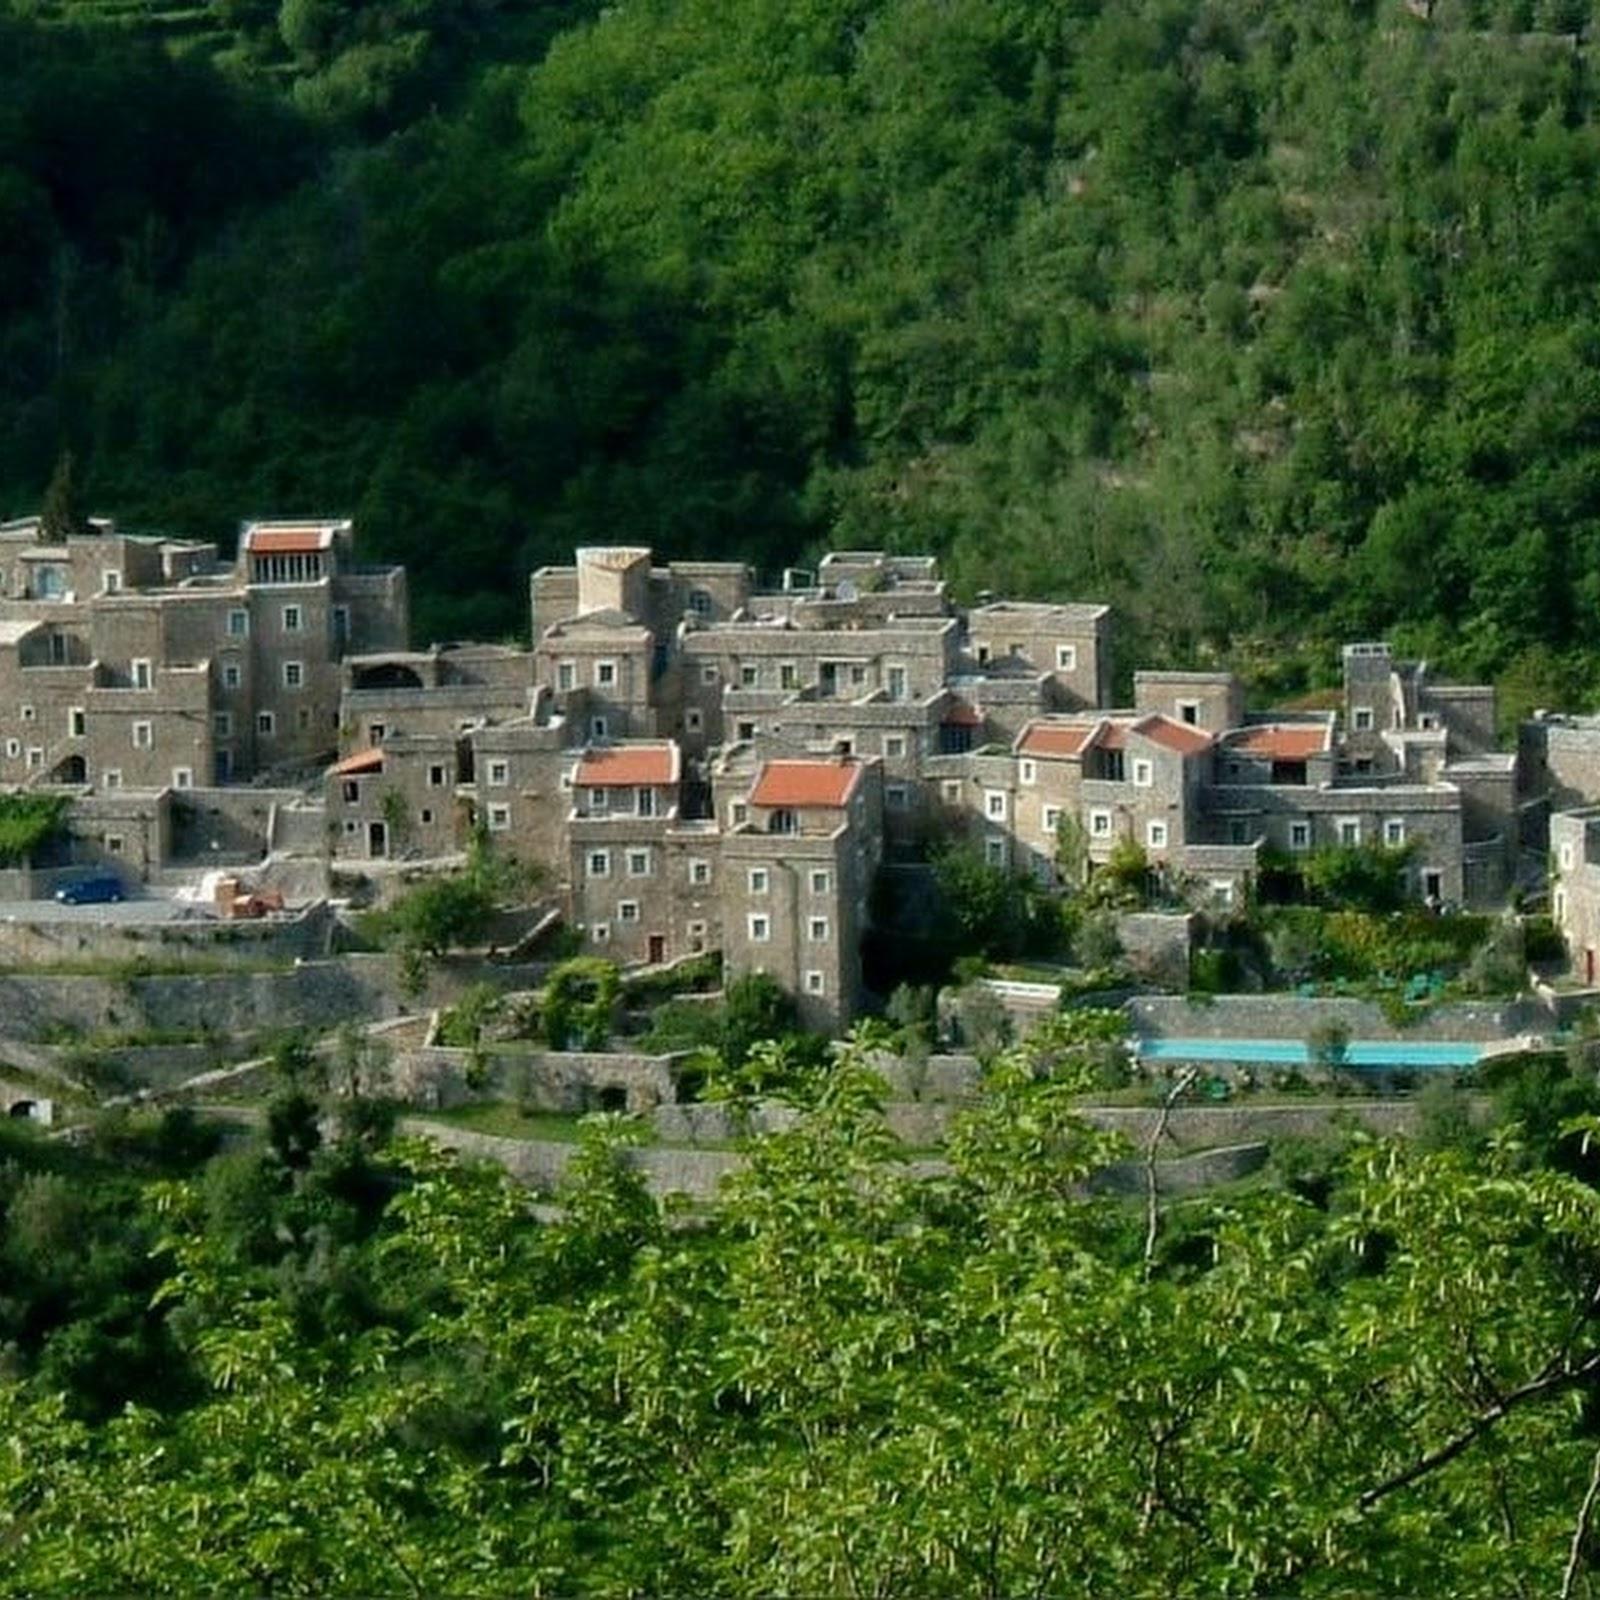 Colletta di Castelbianco: A Modern Stone Village